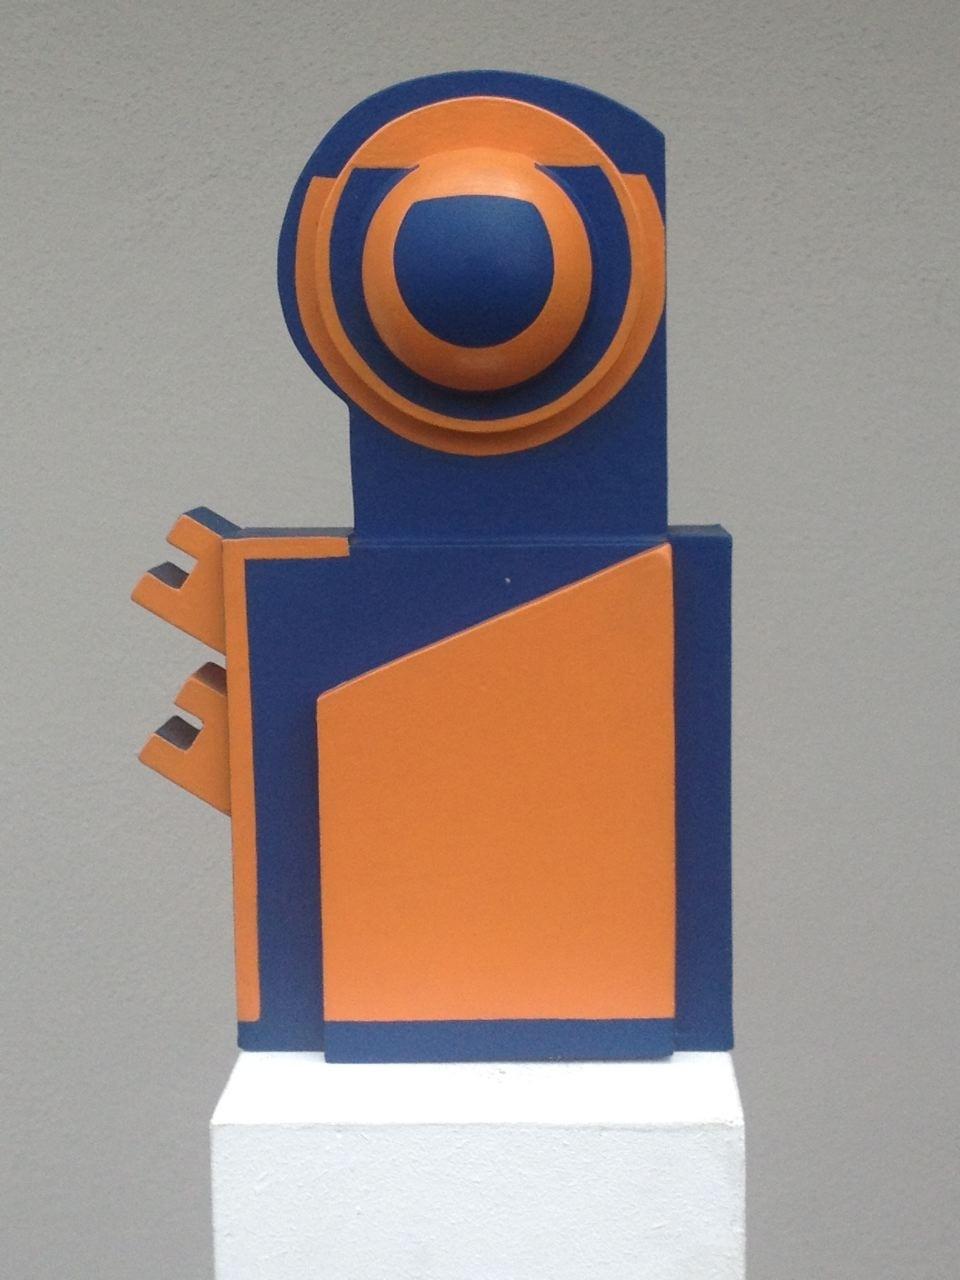 Kleinplastik, Holz/Lack, 43 x 25 x 14 cm, 1970 (#585)